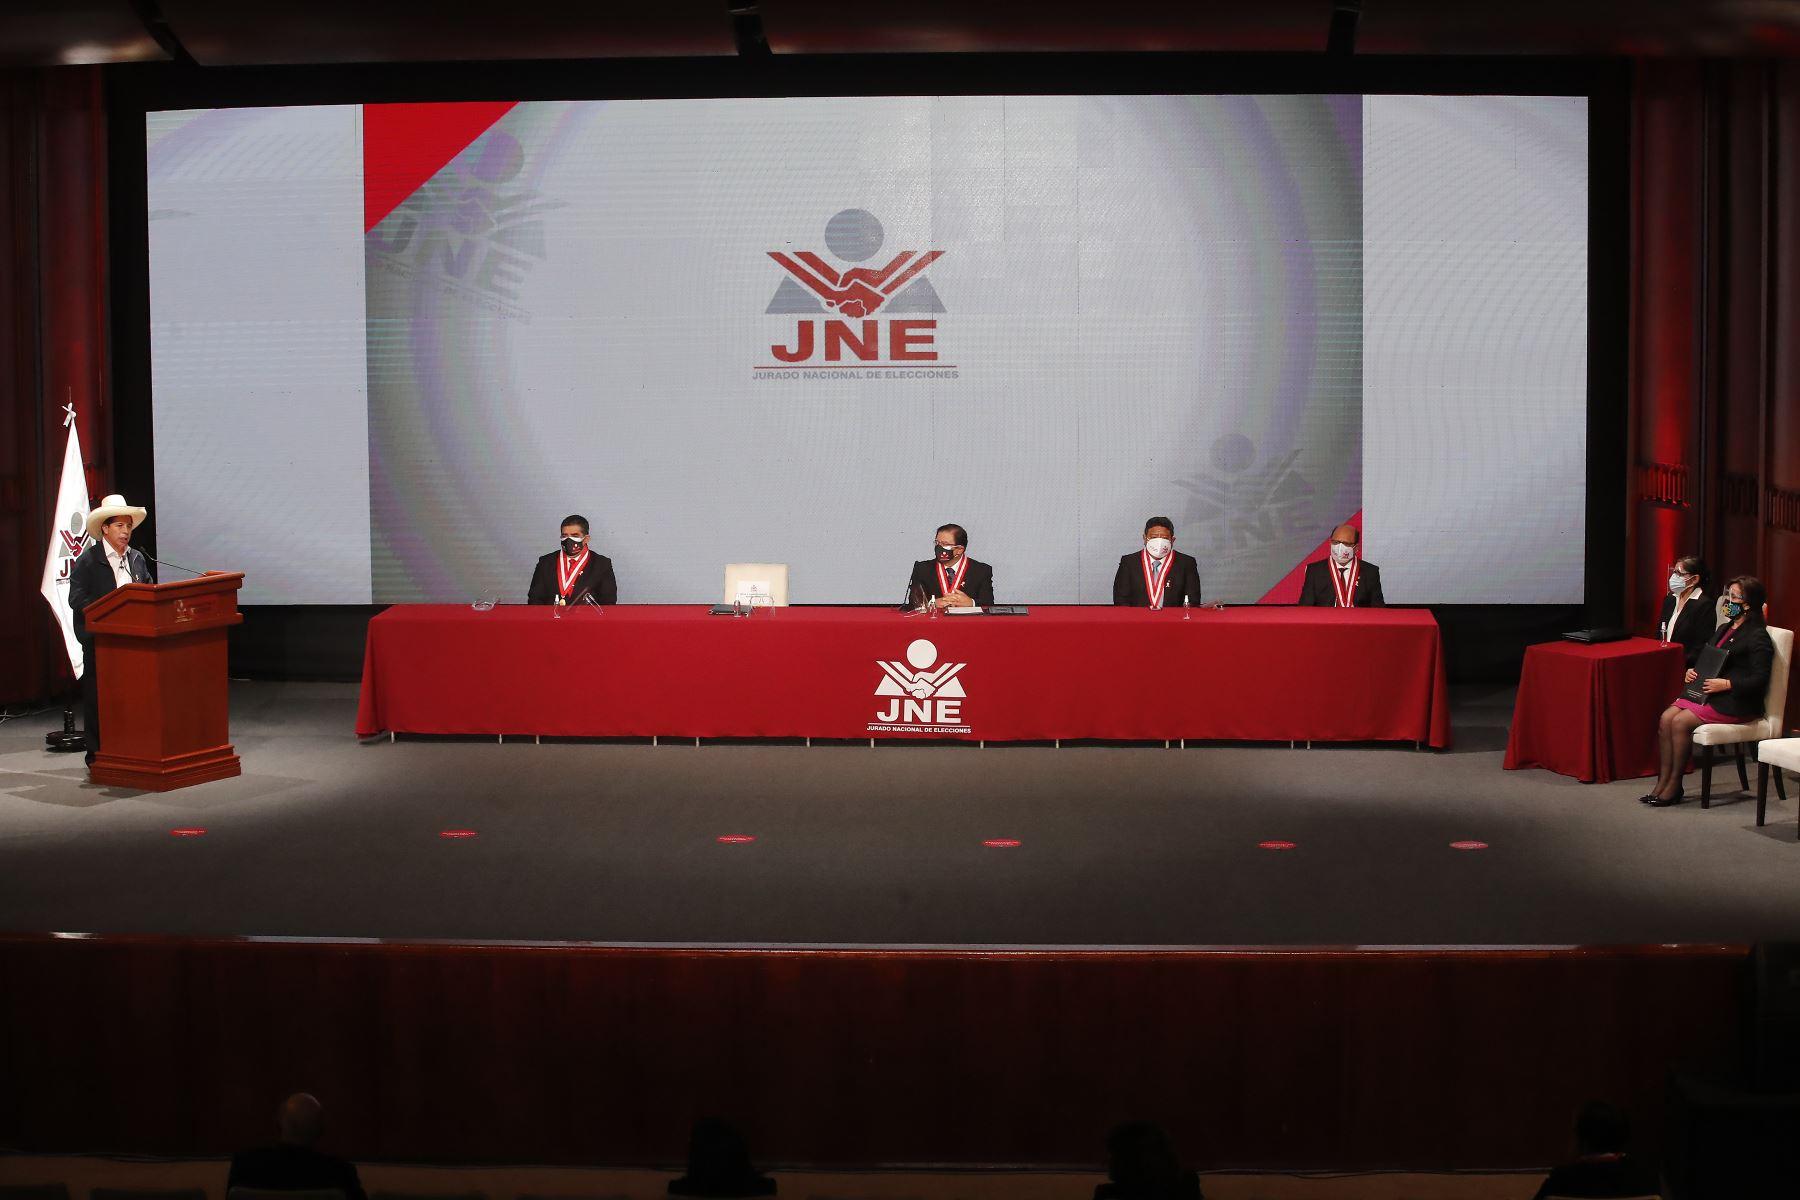 Pedro Castillo recibe credencial como presidente electo de la República del Perú para el periodo 2021-2026. La vicepresidenta electa, Dina Boluarte, también estuvo presente en la ceremonia. Foto: ANDINA/Juan Carlos Guzmán